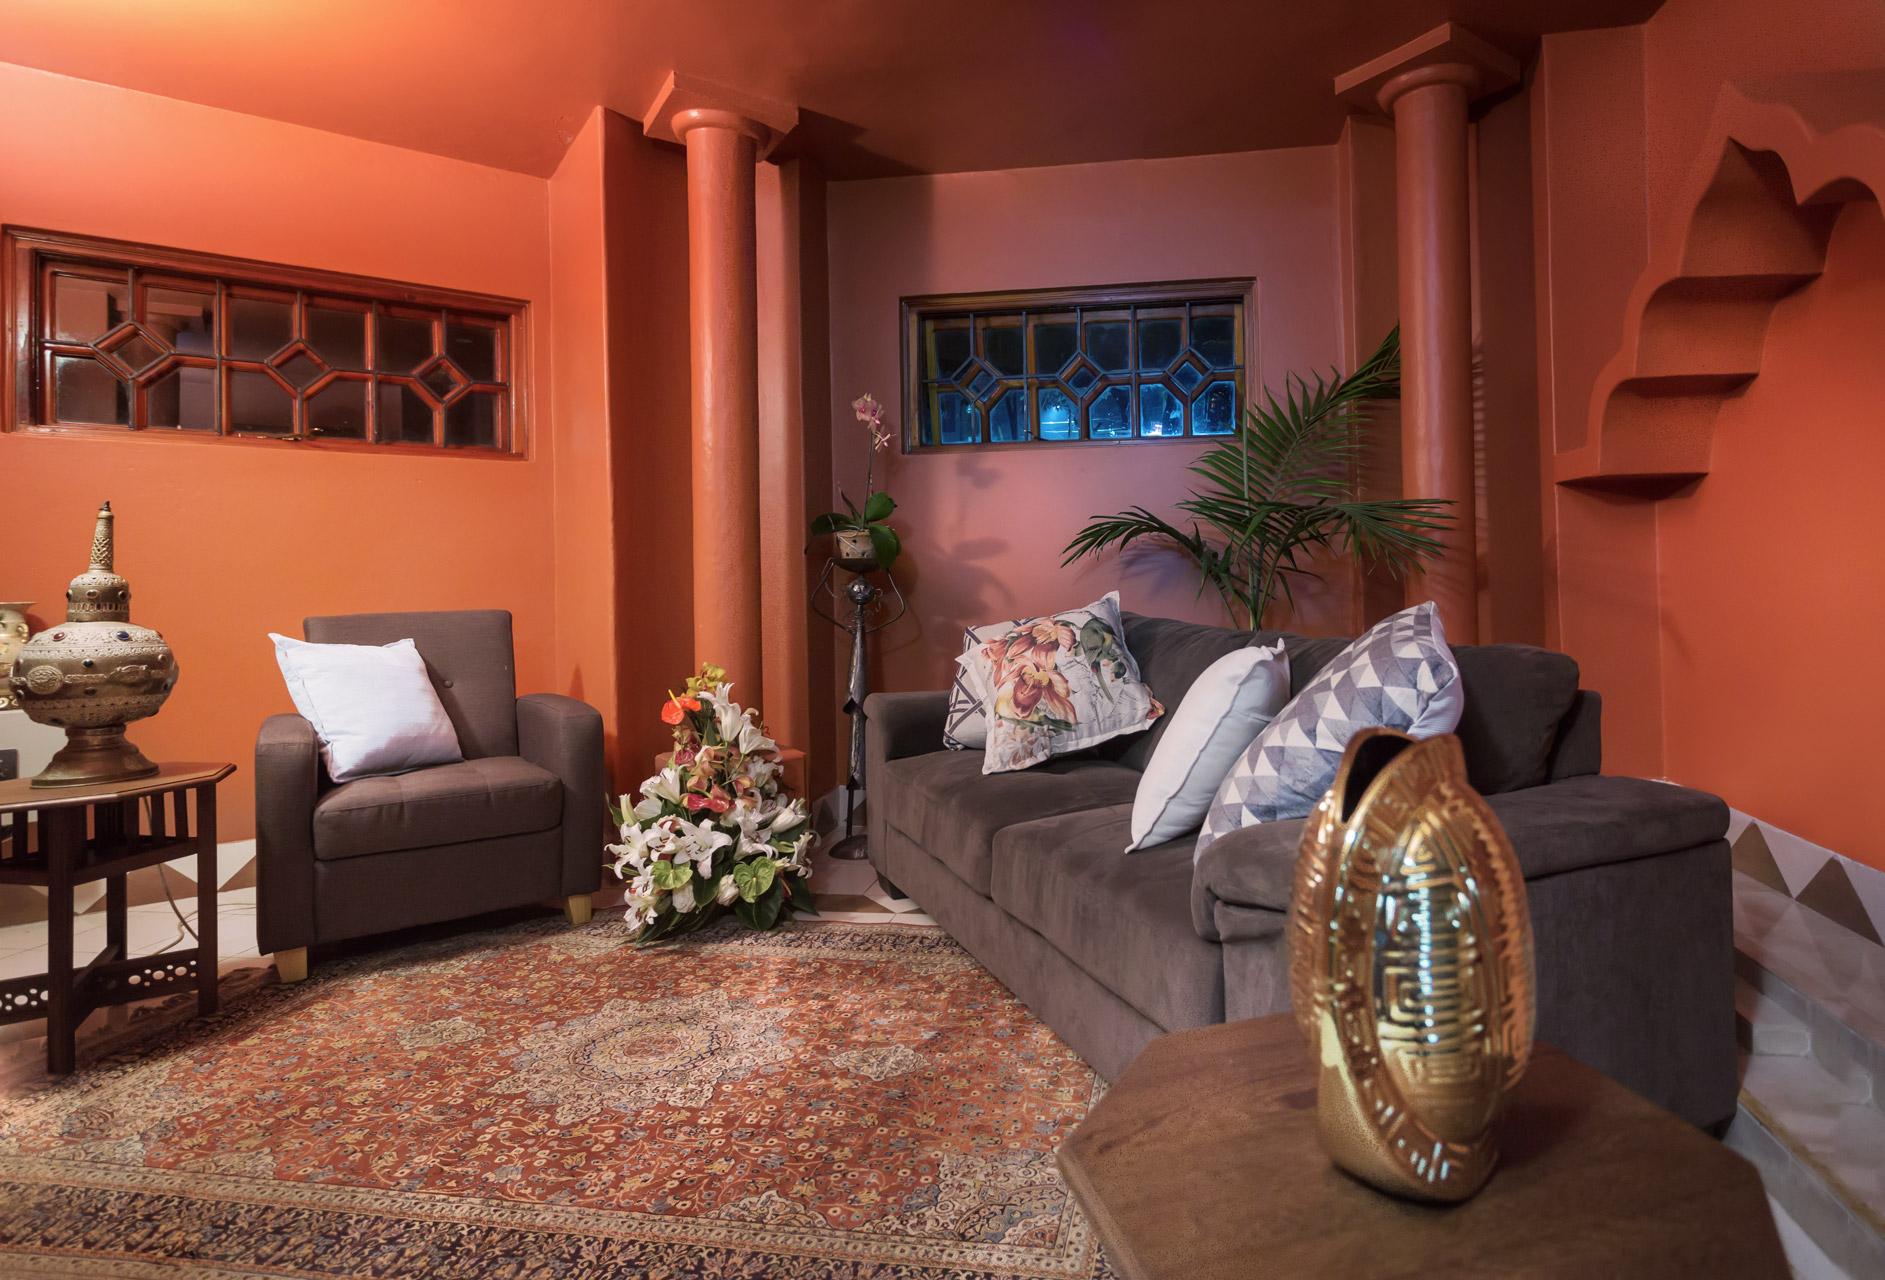 saffron_peace_room.jpg